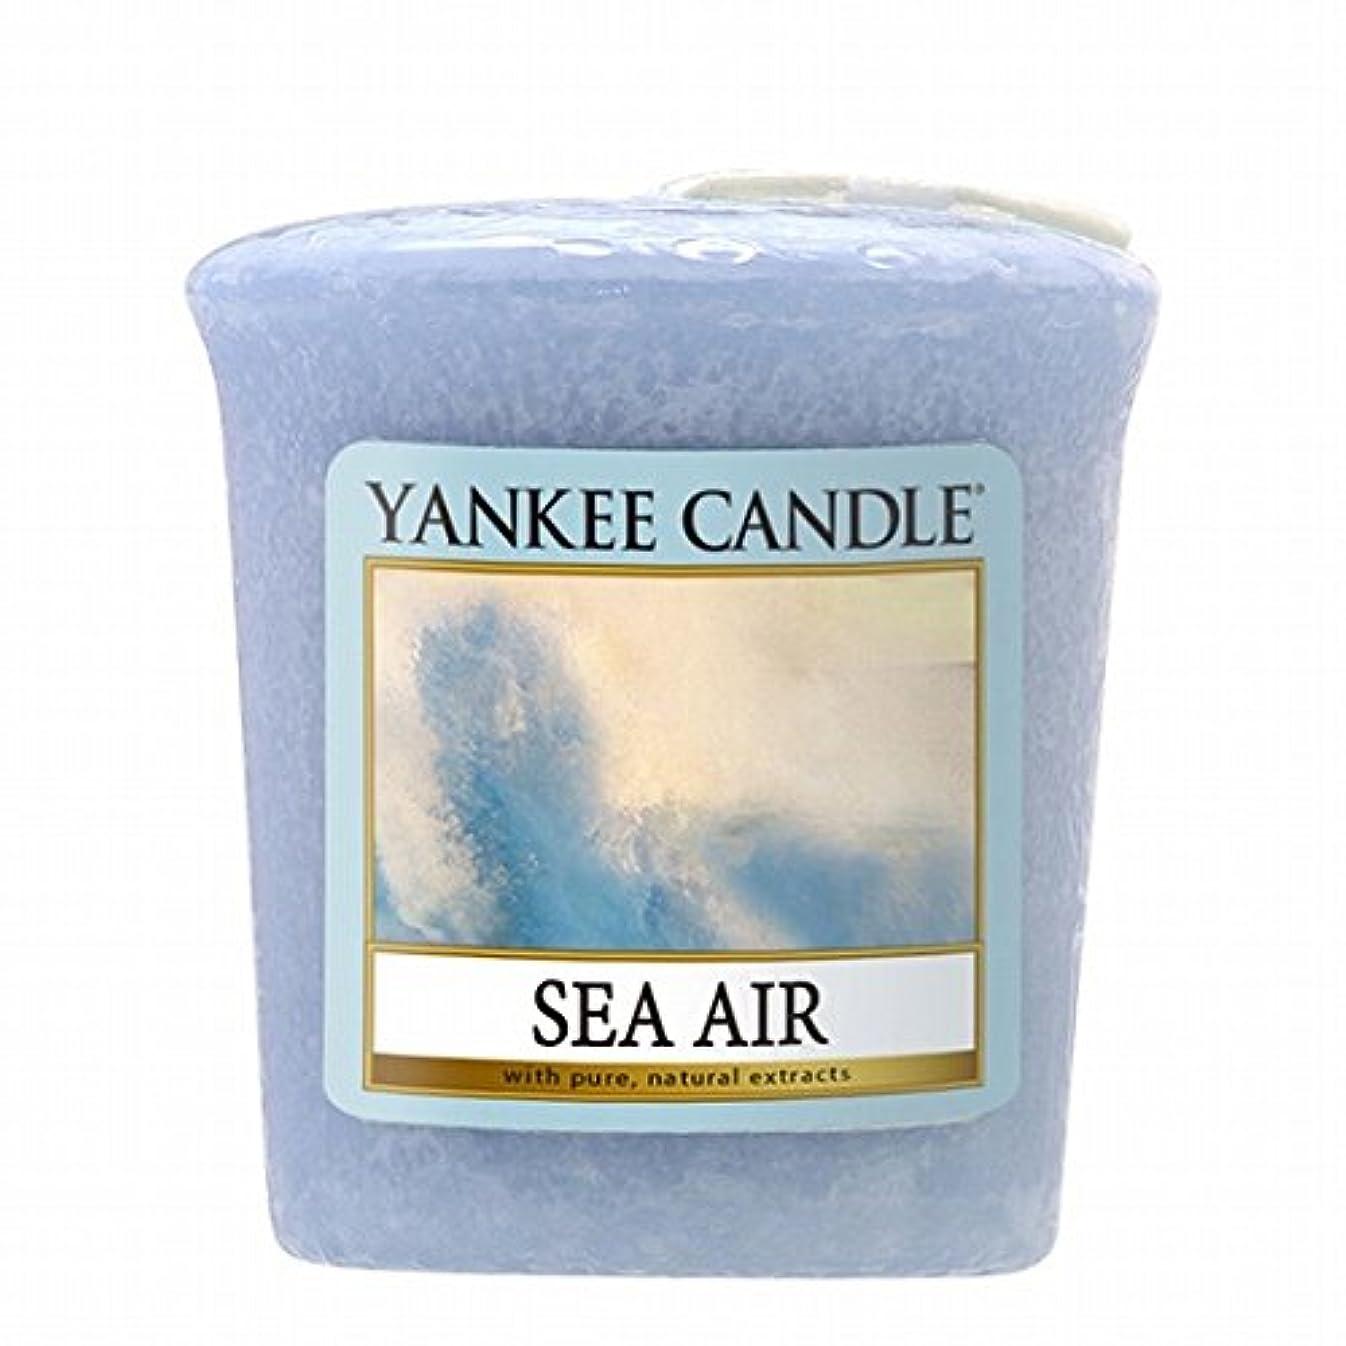 それから受け入れる来てYANKEE CANDLE(ヤンキーキャンドル) YANKEE CANDLE サンプラー 「シーエア-」6個セット(K00105293)